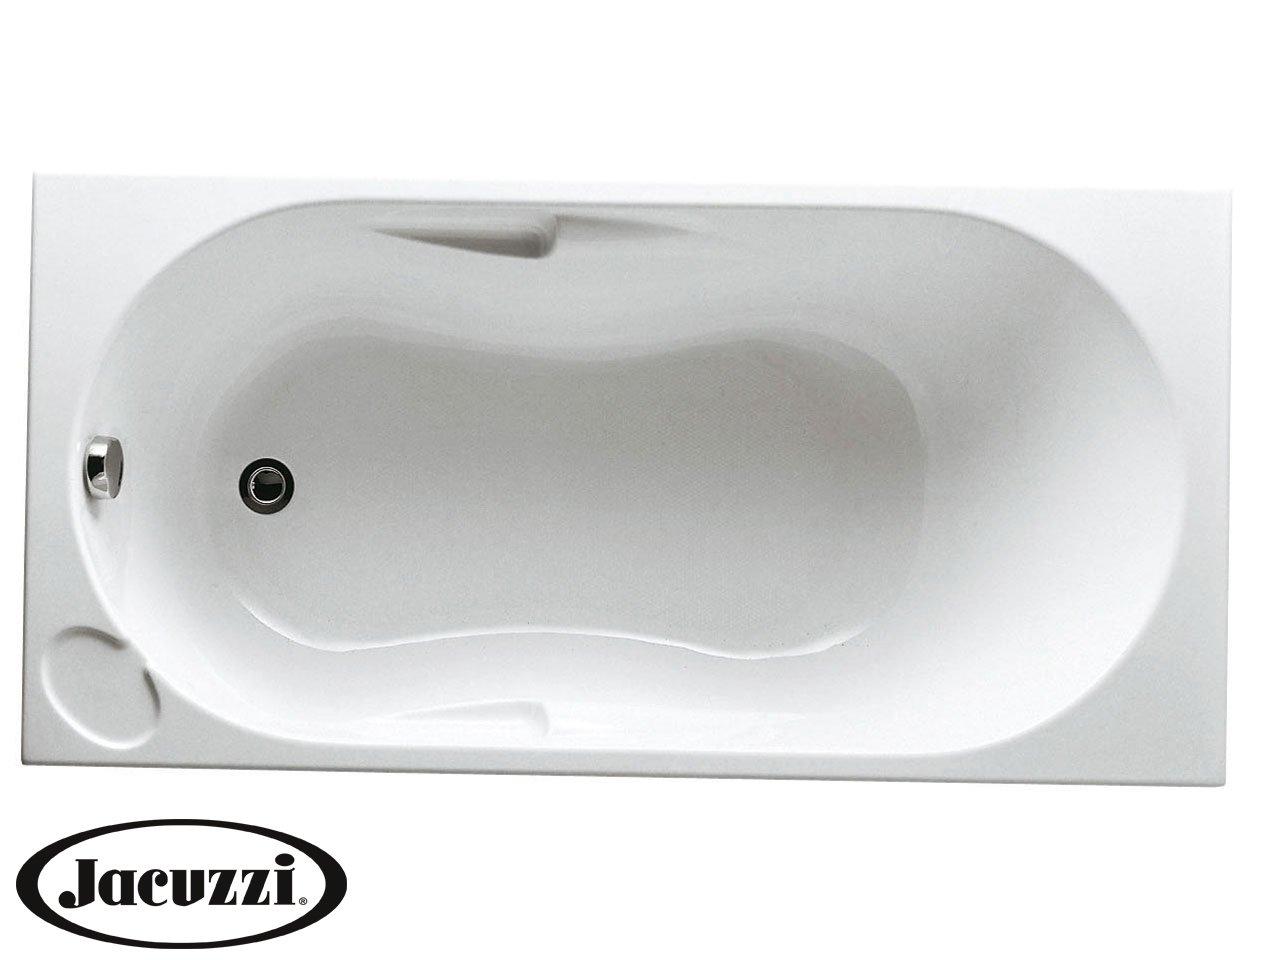 Vasca da bagno 140 70 boiserie in ceramica per bagno - Vasca da bagno incasso prezzi ...